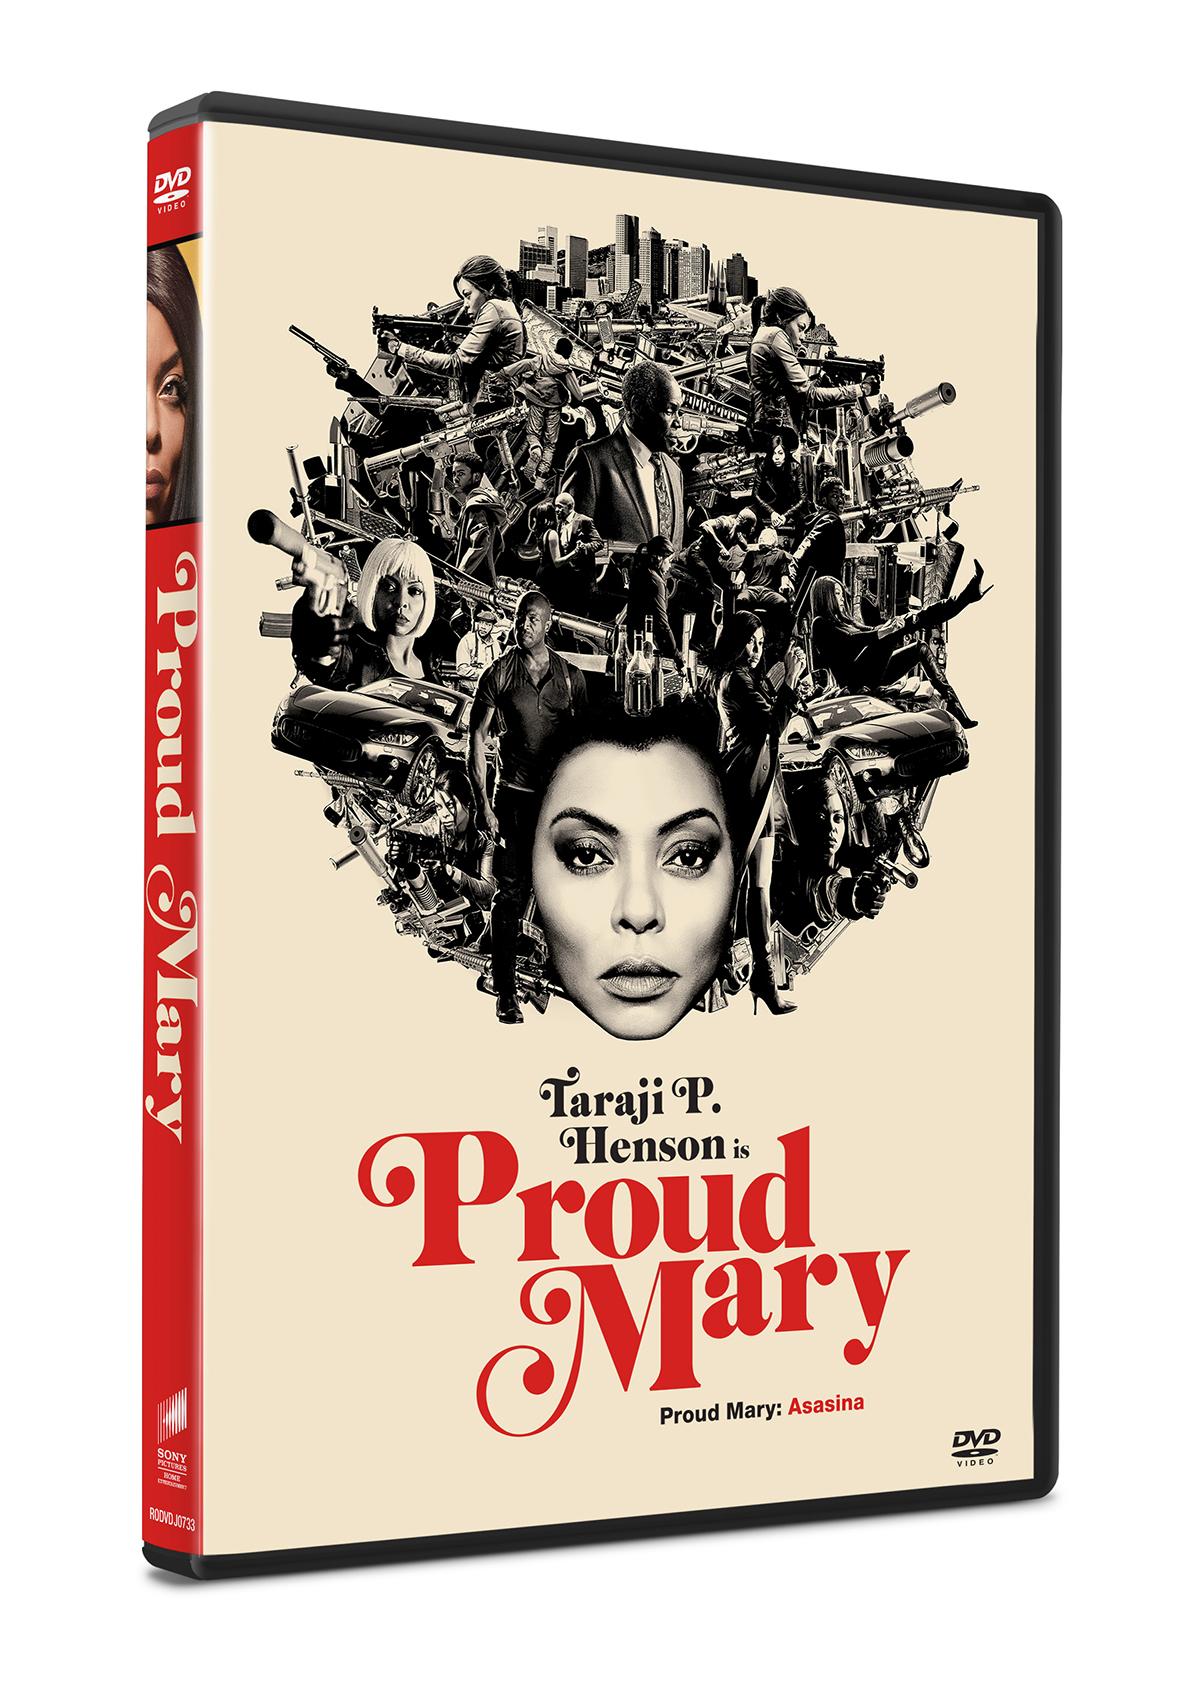 Proud Mary: Asasina / Proud Mary